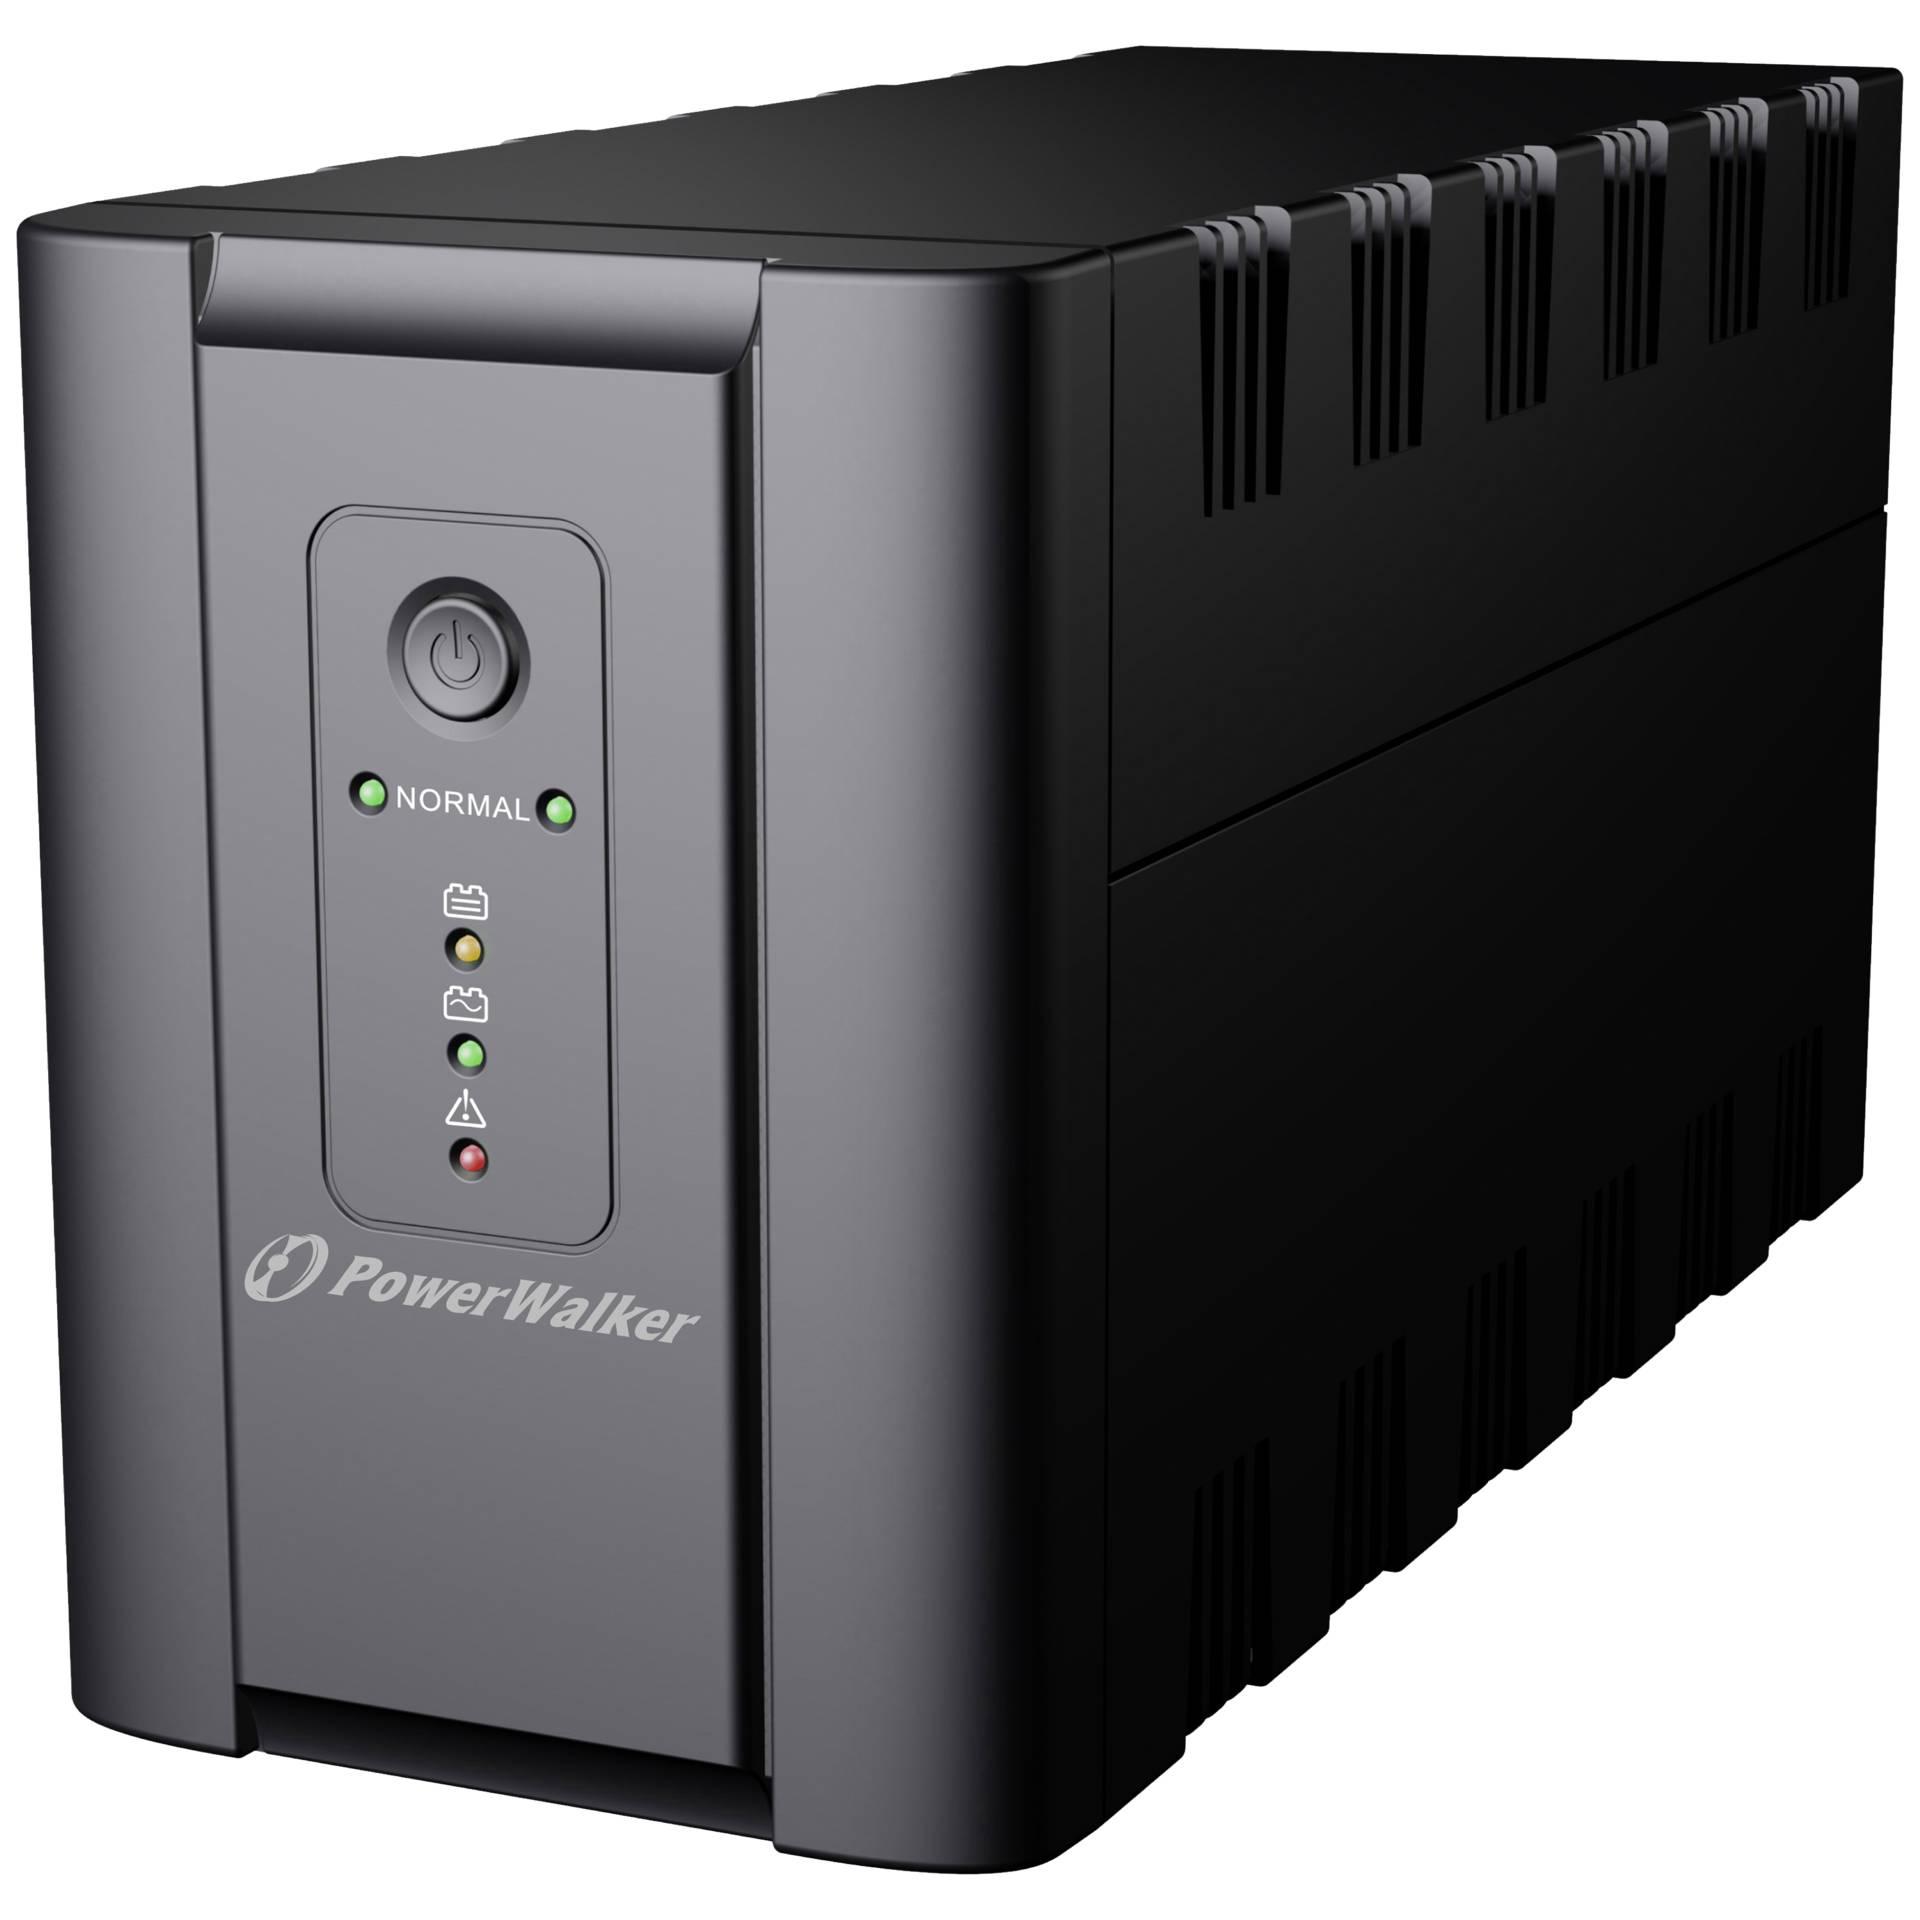 PowerWalker VI 1200 IEC